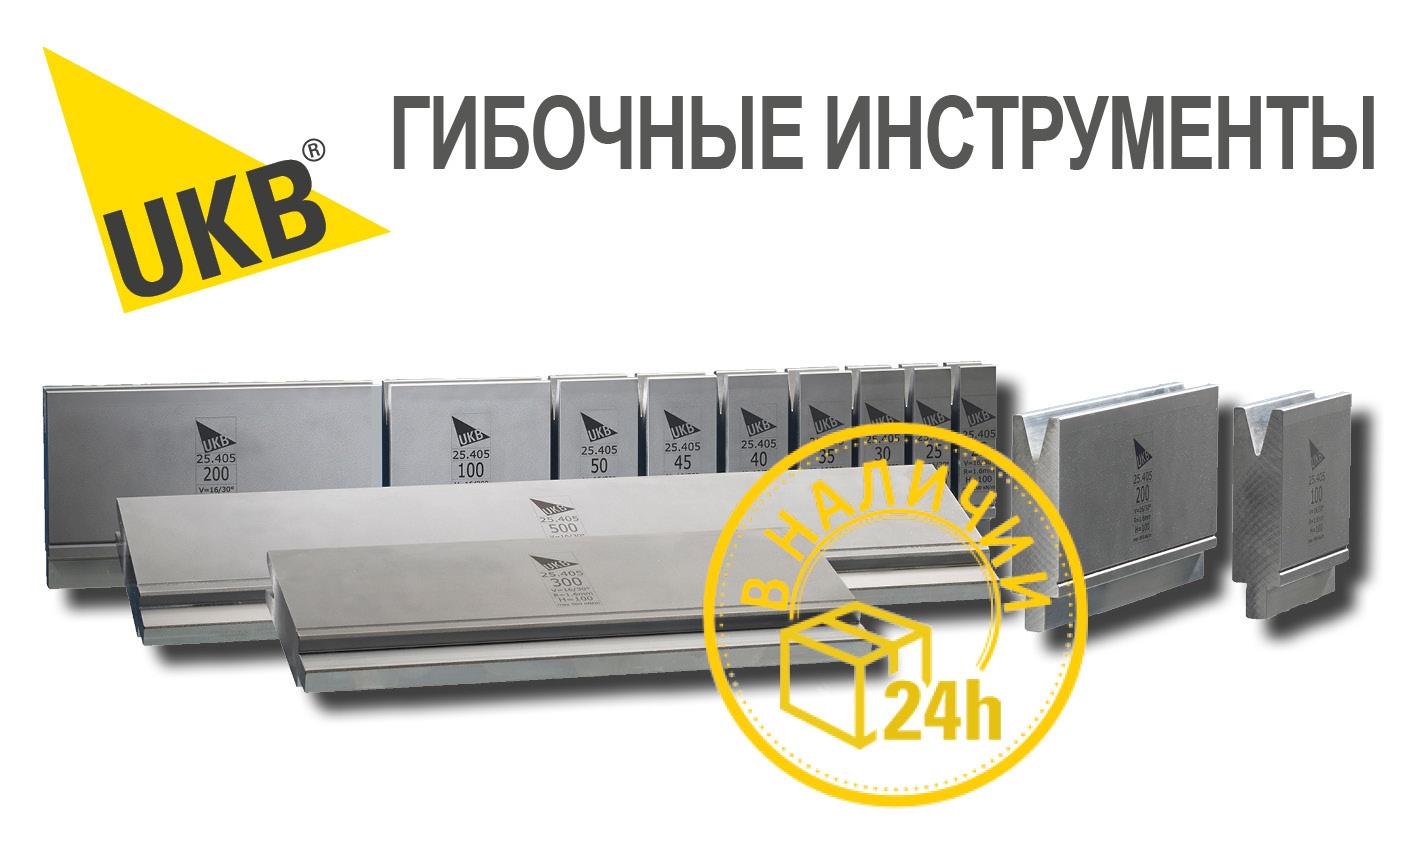 UKB-Гибочные инструменты